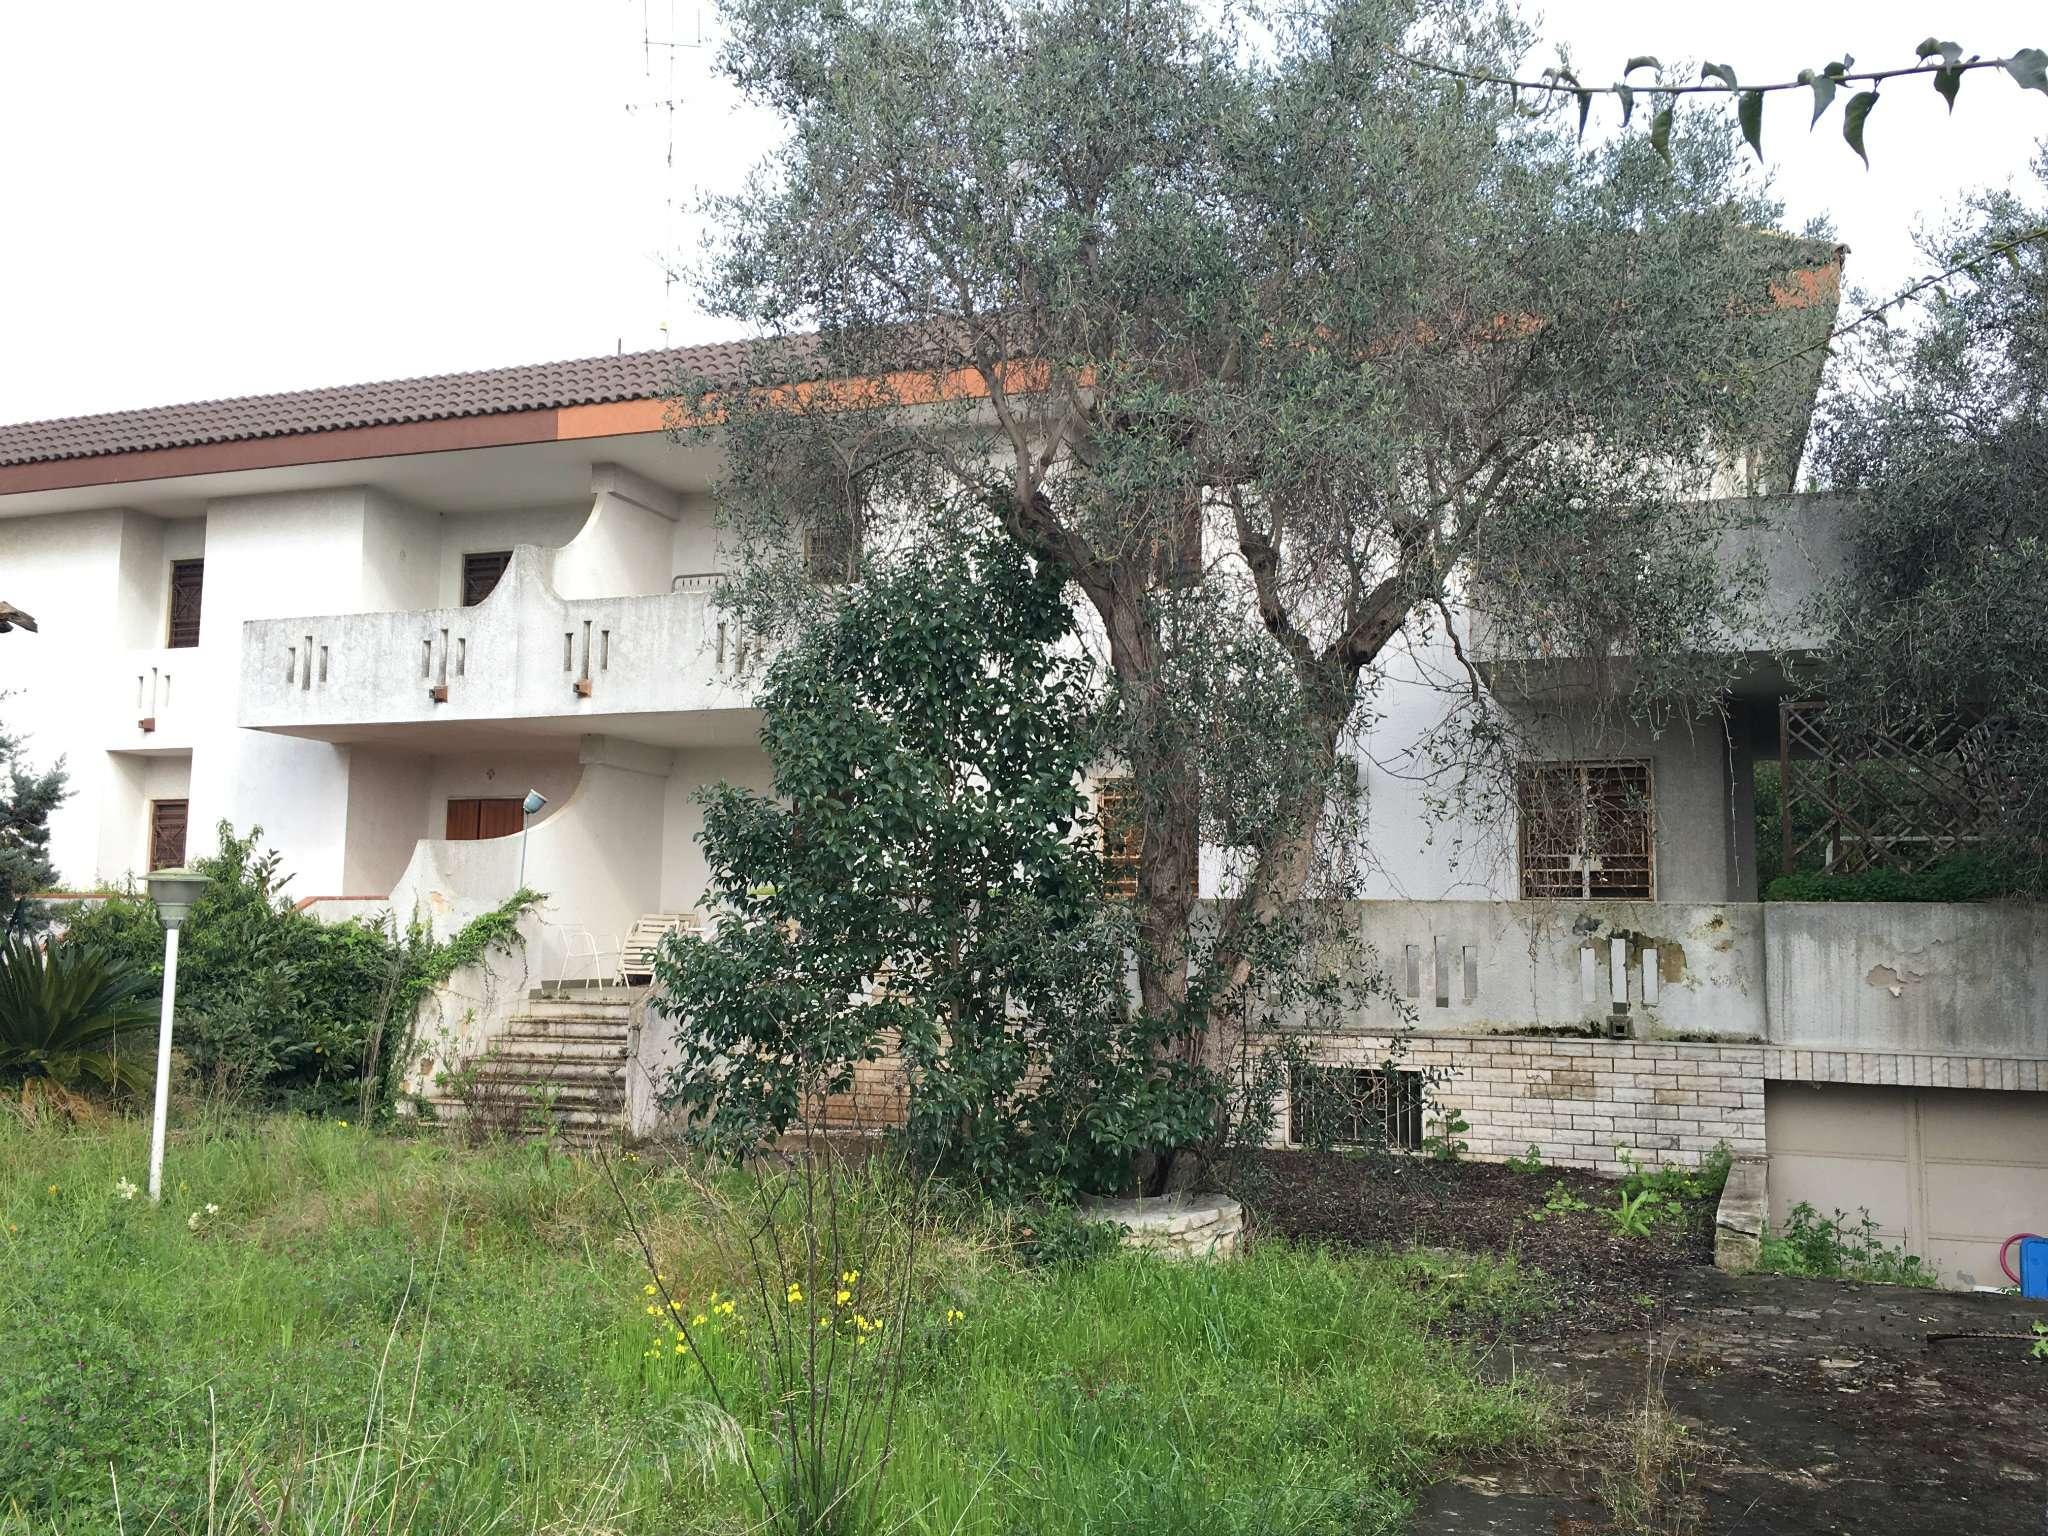 Villa in vendita a Bari, 7 locali, prezzo € 390.000 | CambioCasa.it